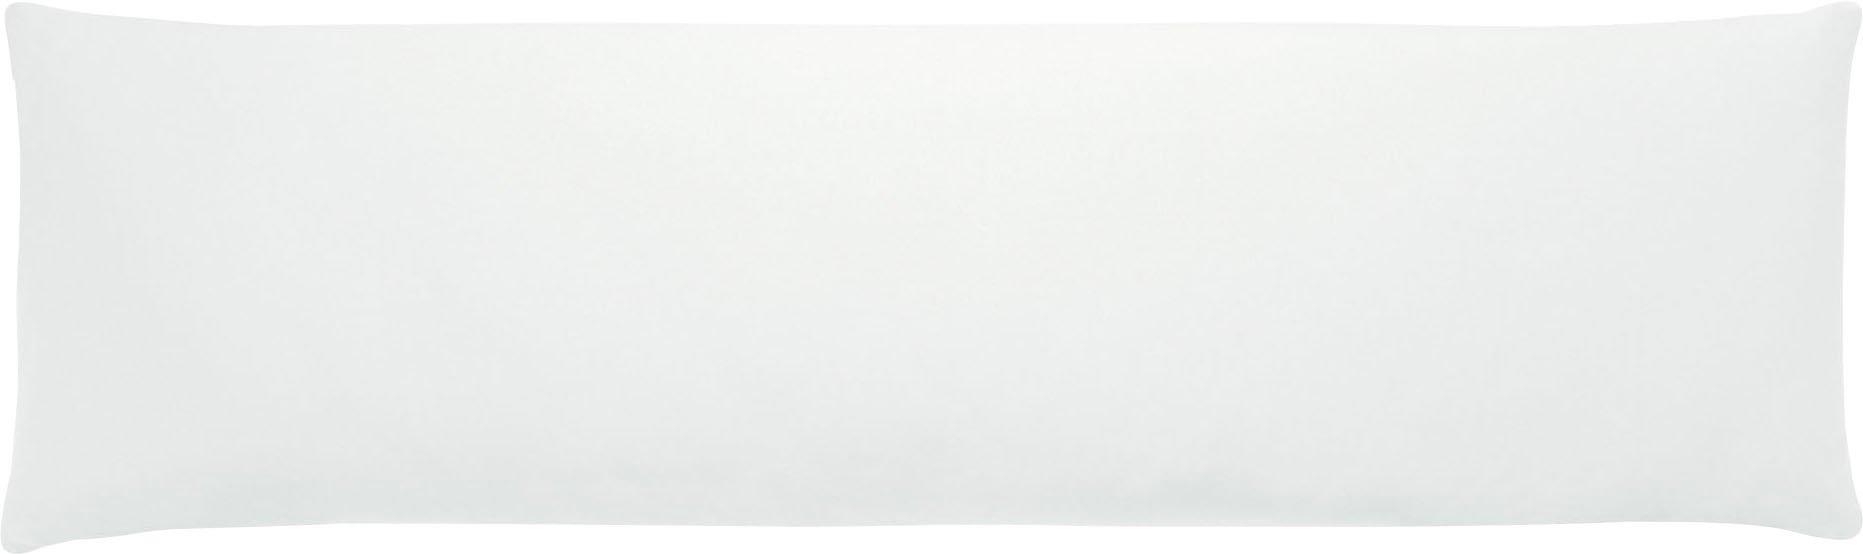 Kneer Kussenovertrek voor zijslapers Edel-Zwirn-Jersey voor zijslaapkussens (1 stuk) nu online kopen bij OTTO